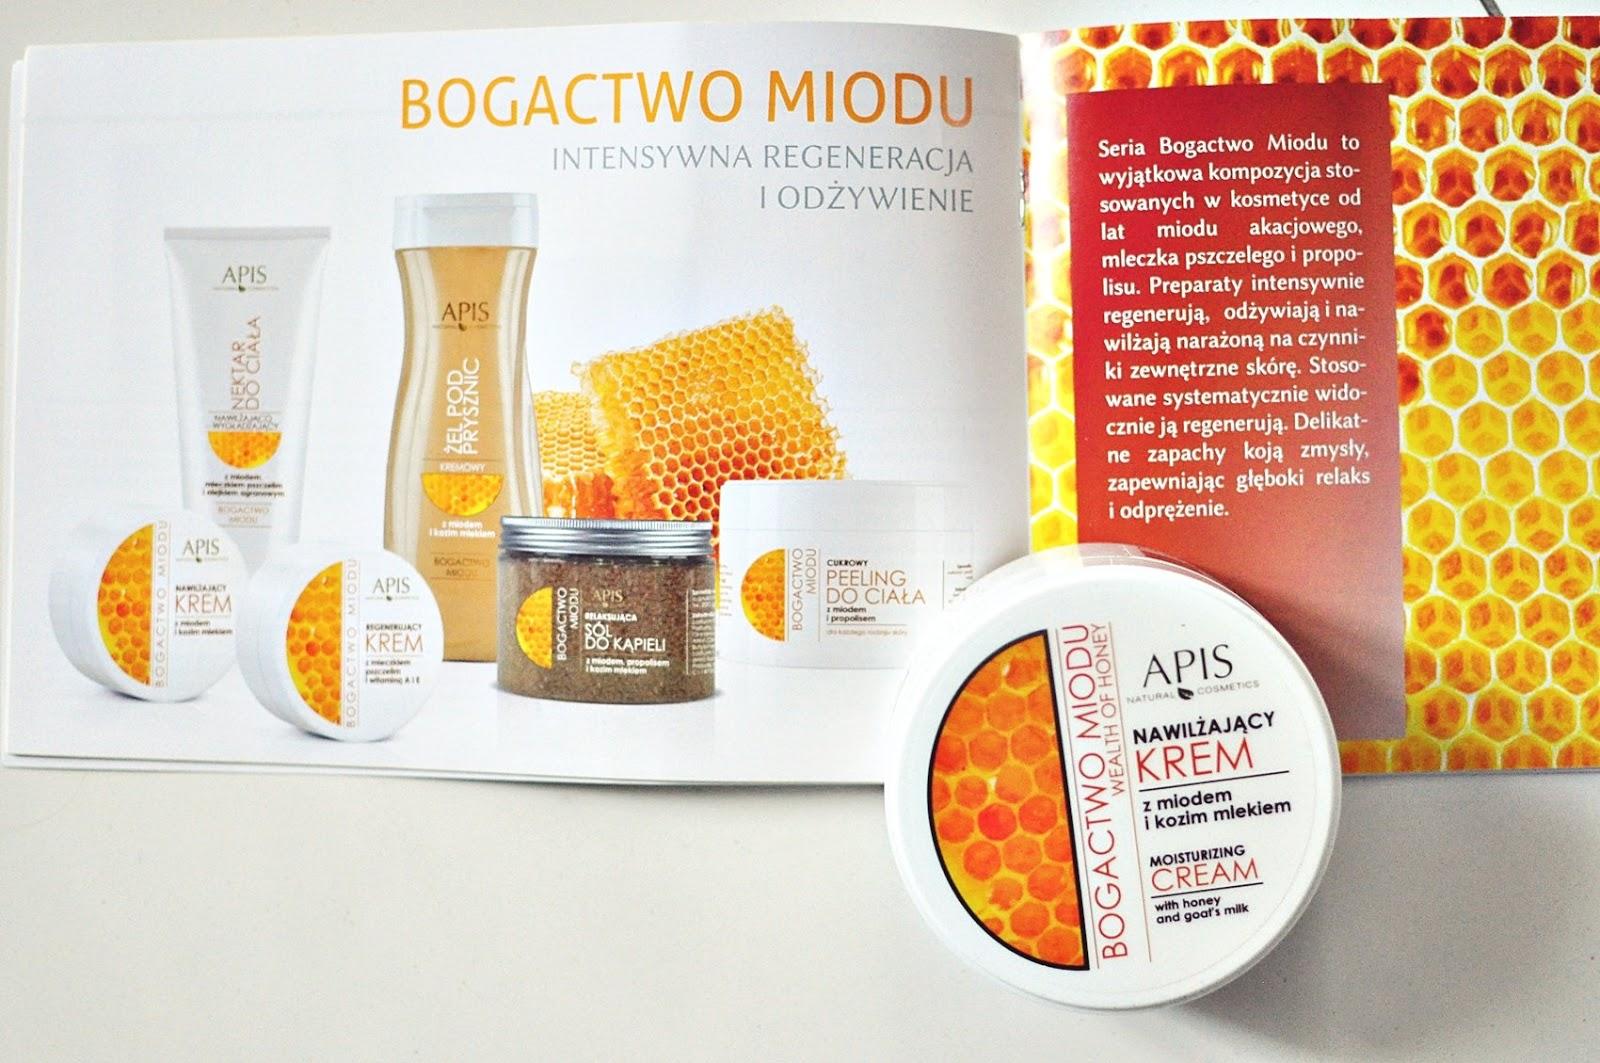 kosmetyki-z-miodem_apis